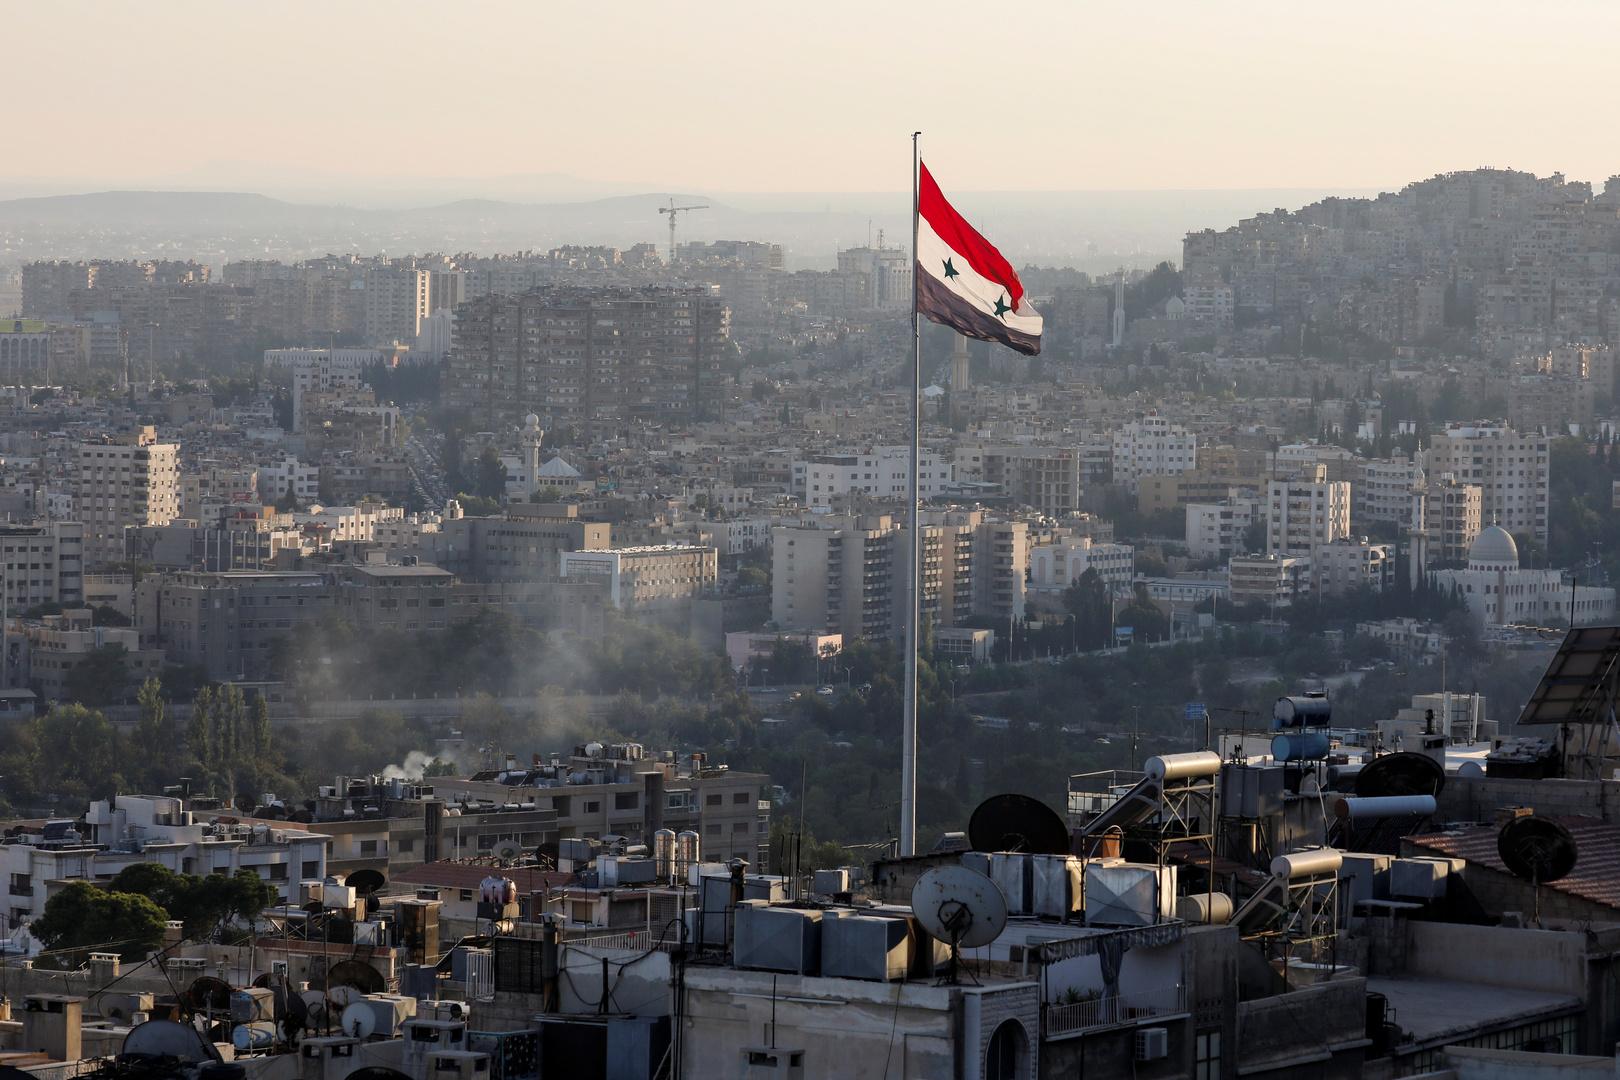 57 ألف مصنع متوقف في العراق.. بغداد تدعو رجال الأعمال السوريين